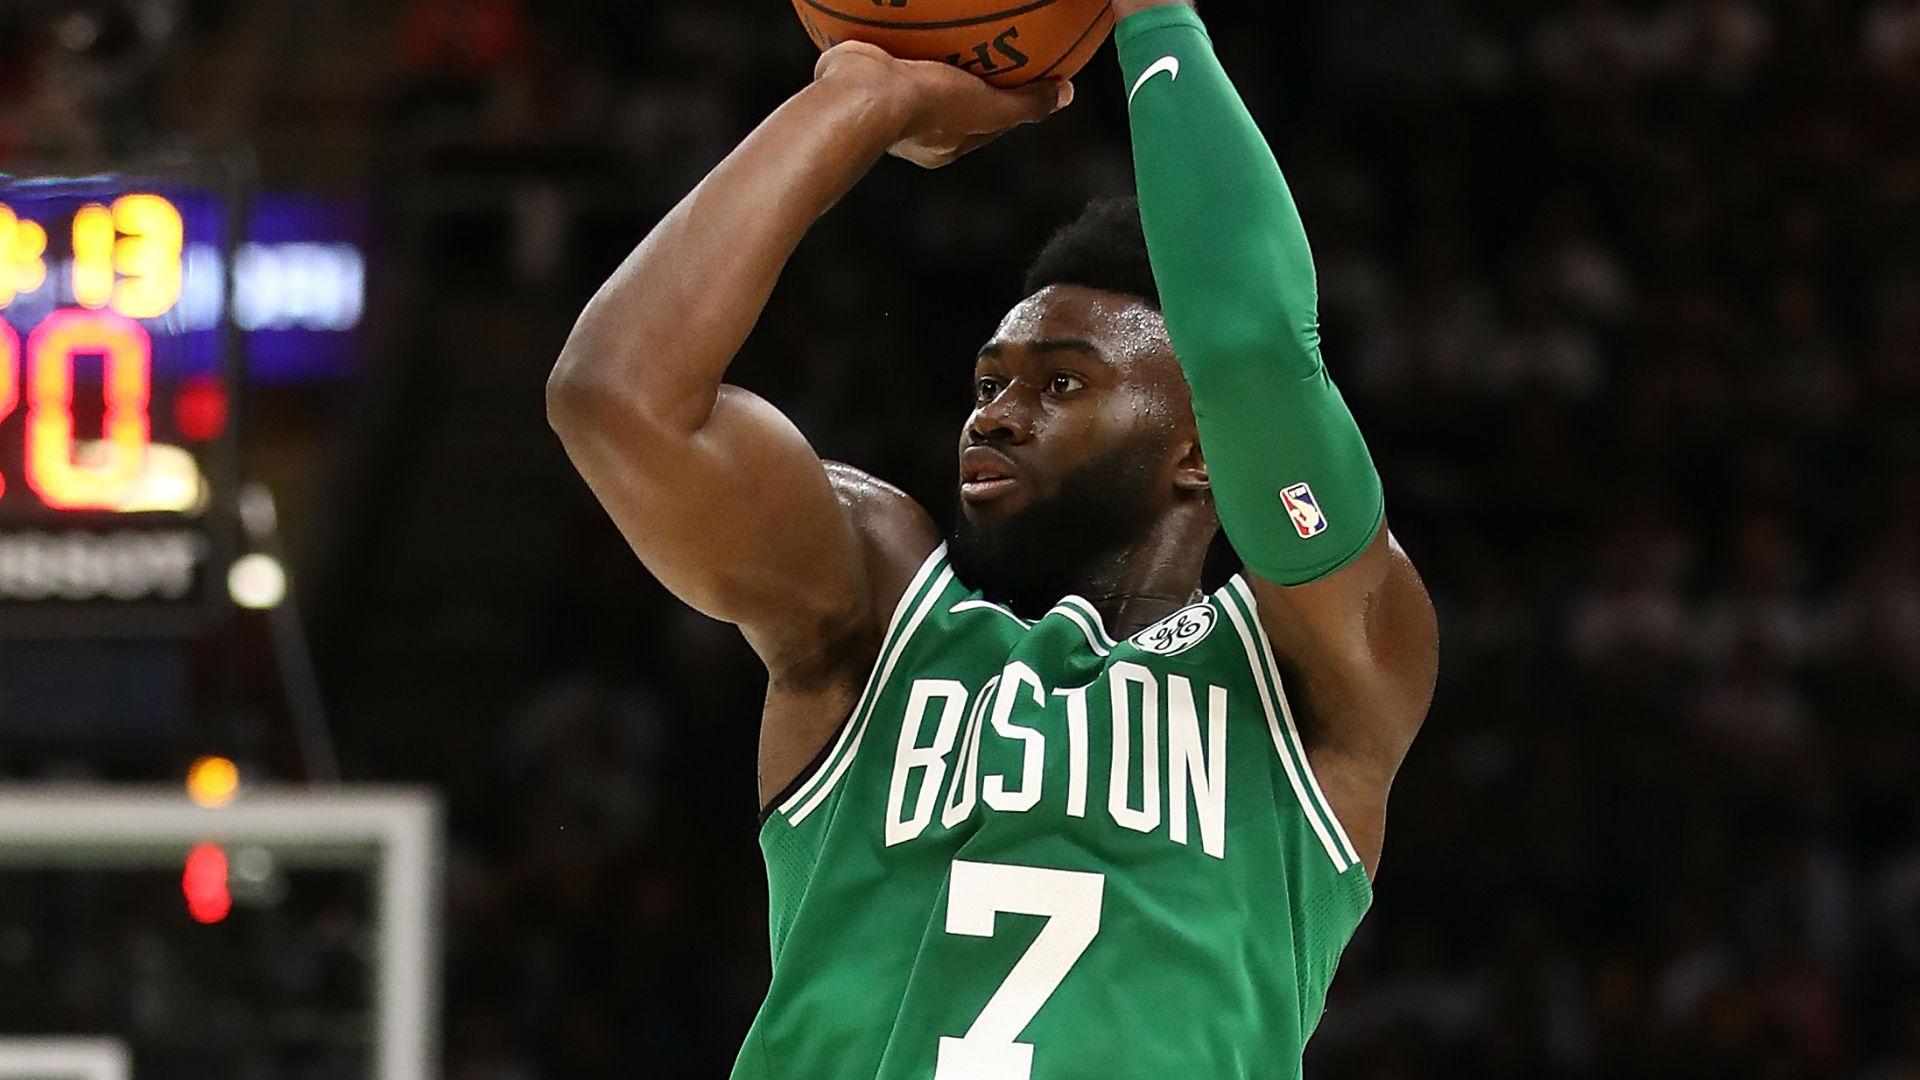 National Basketball Association  players send Celtics' Jaylen Brown prayers after terrifying fall